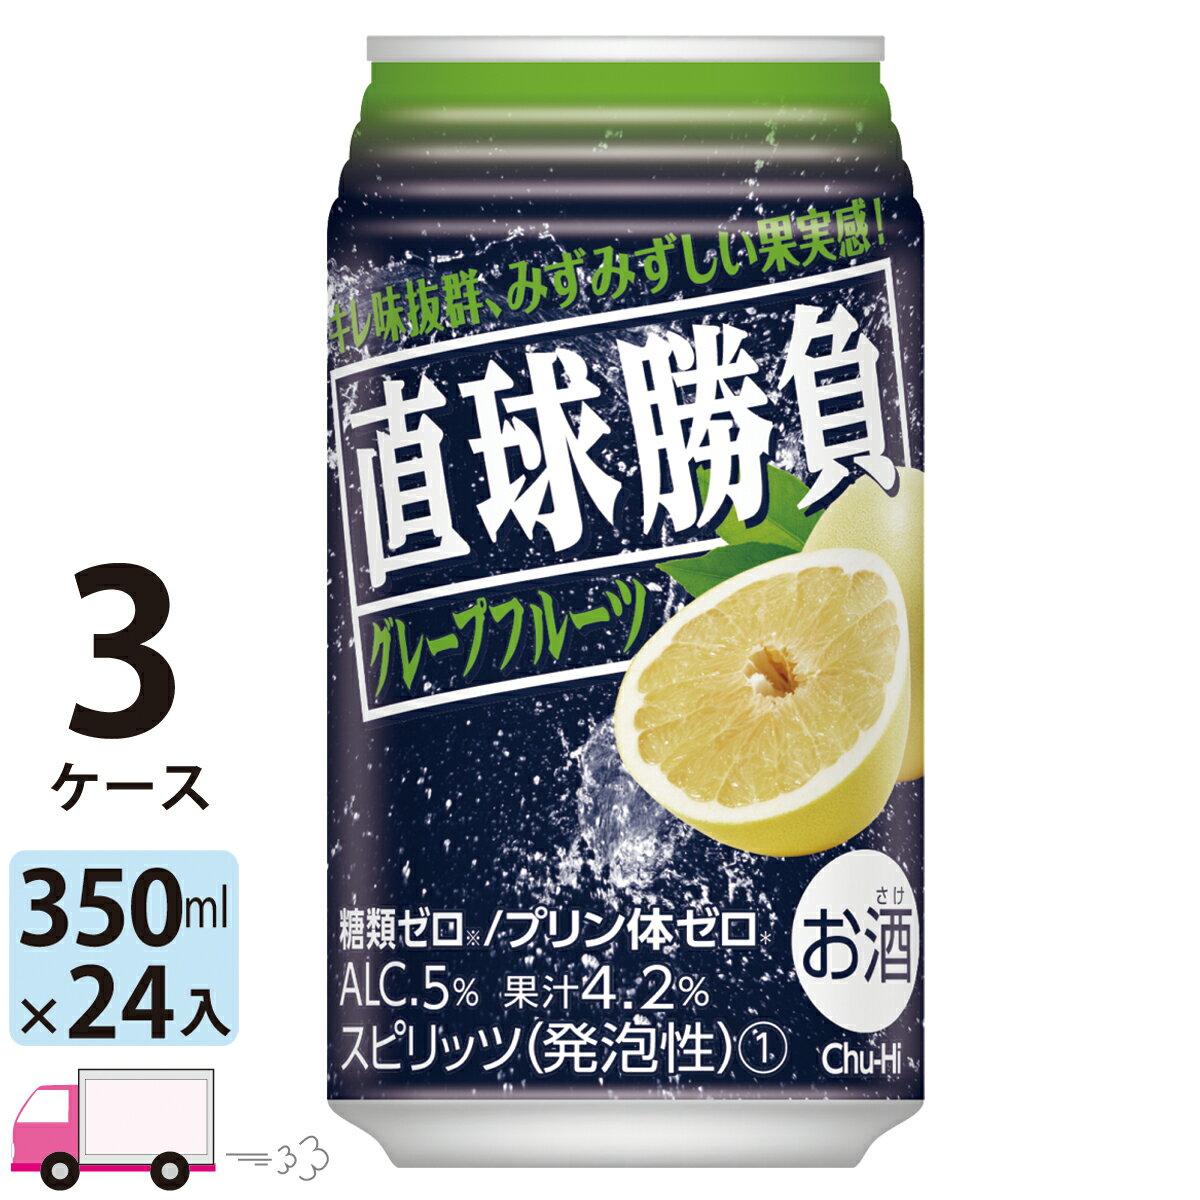 送料無料 チューハイ サワー 合同 直球勝負 グレープフルーツ 350ml 24缶入 3ケース (72本)